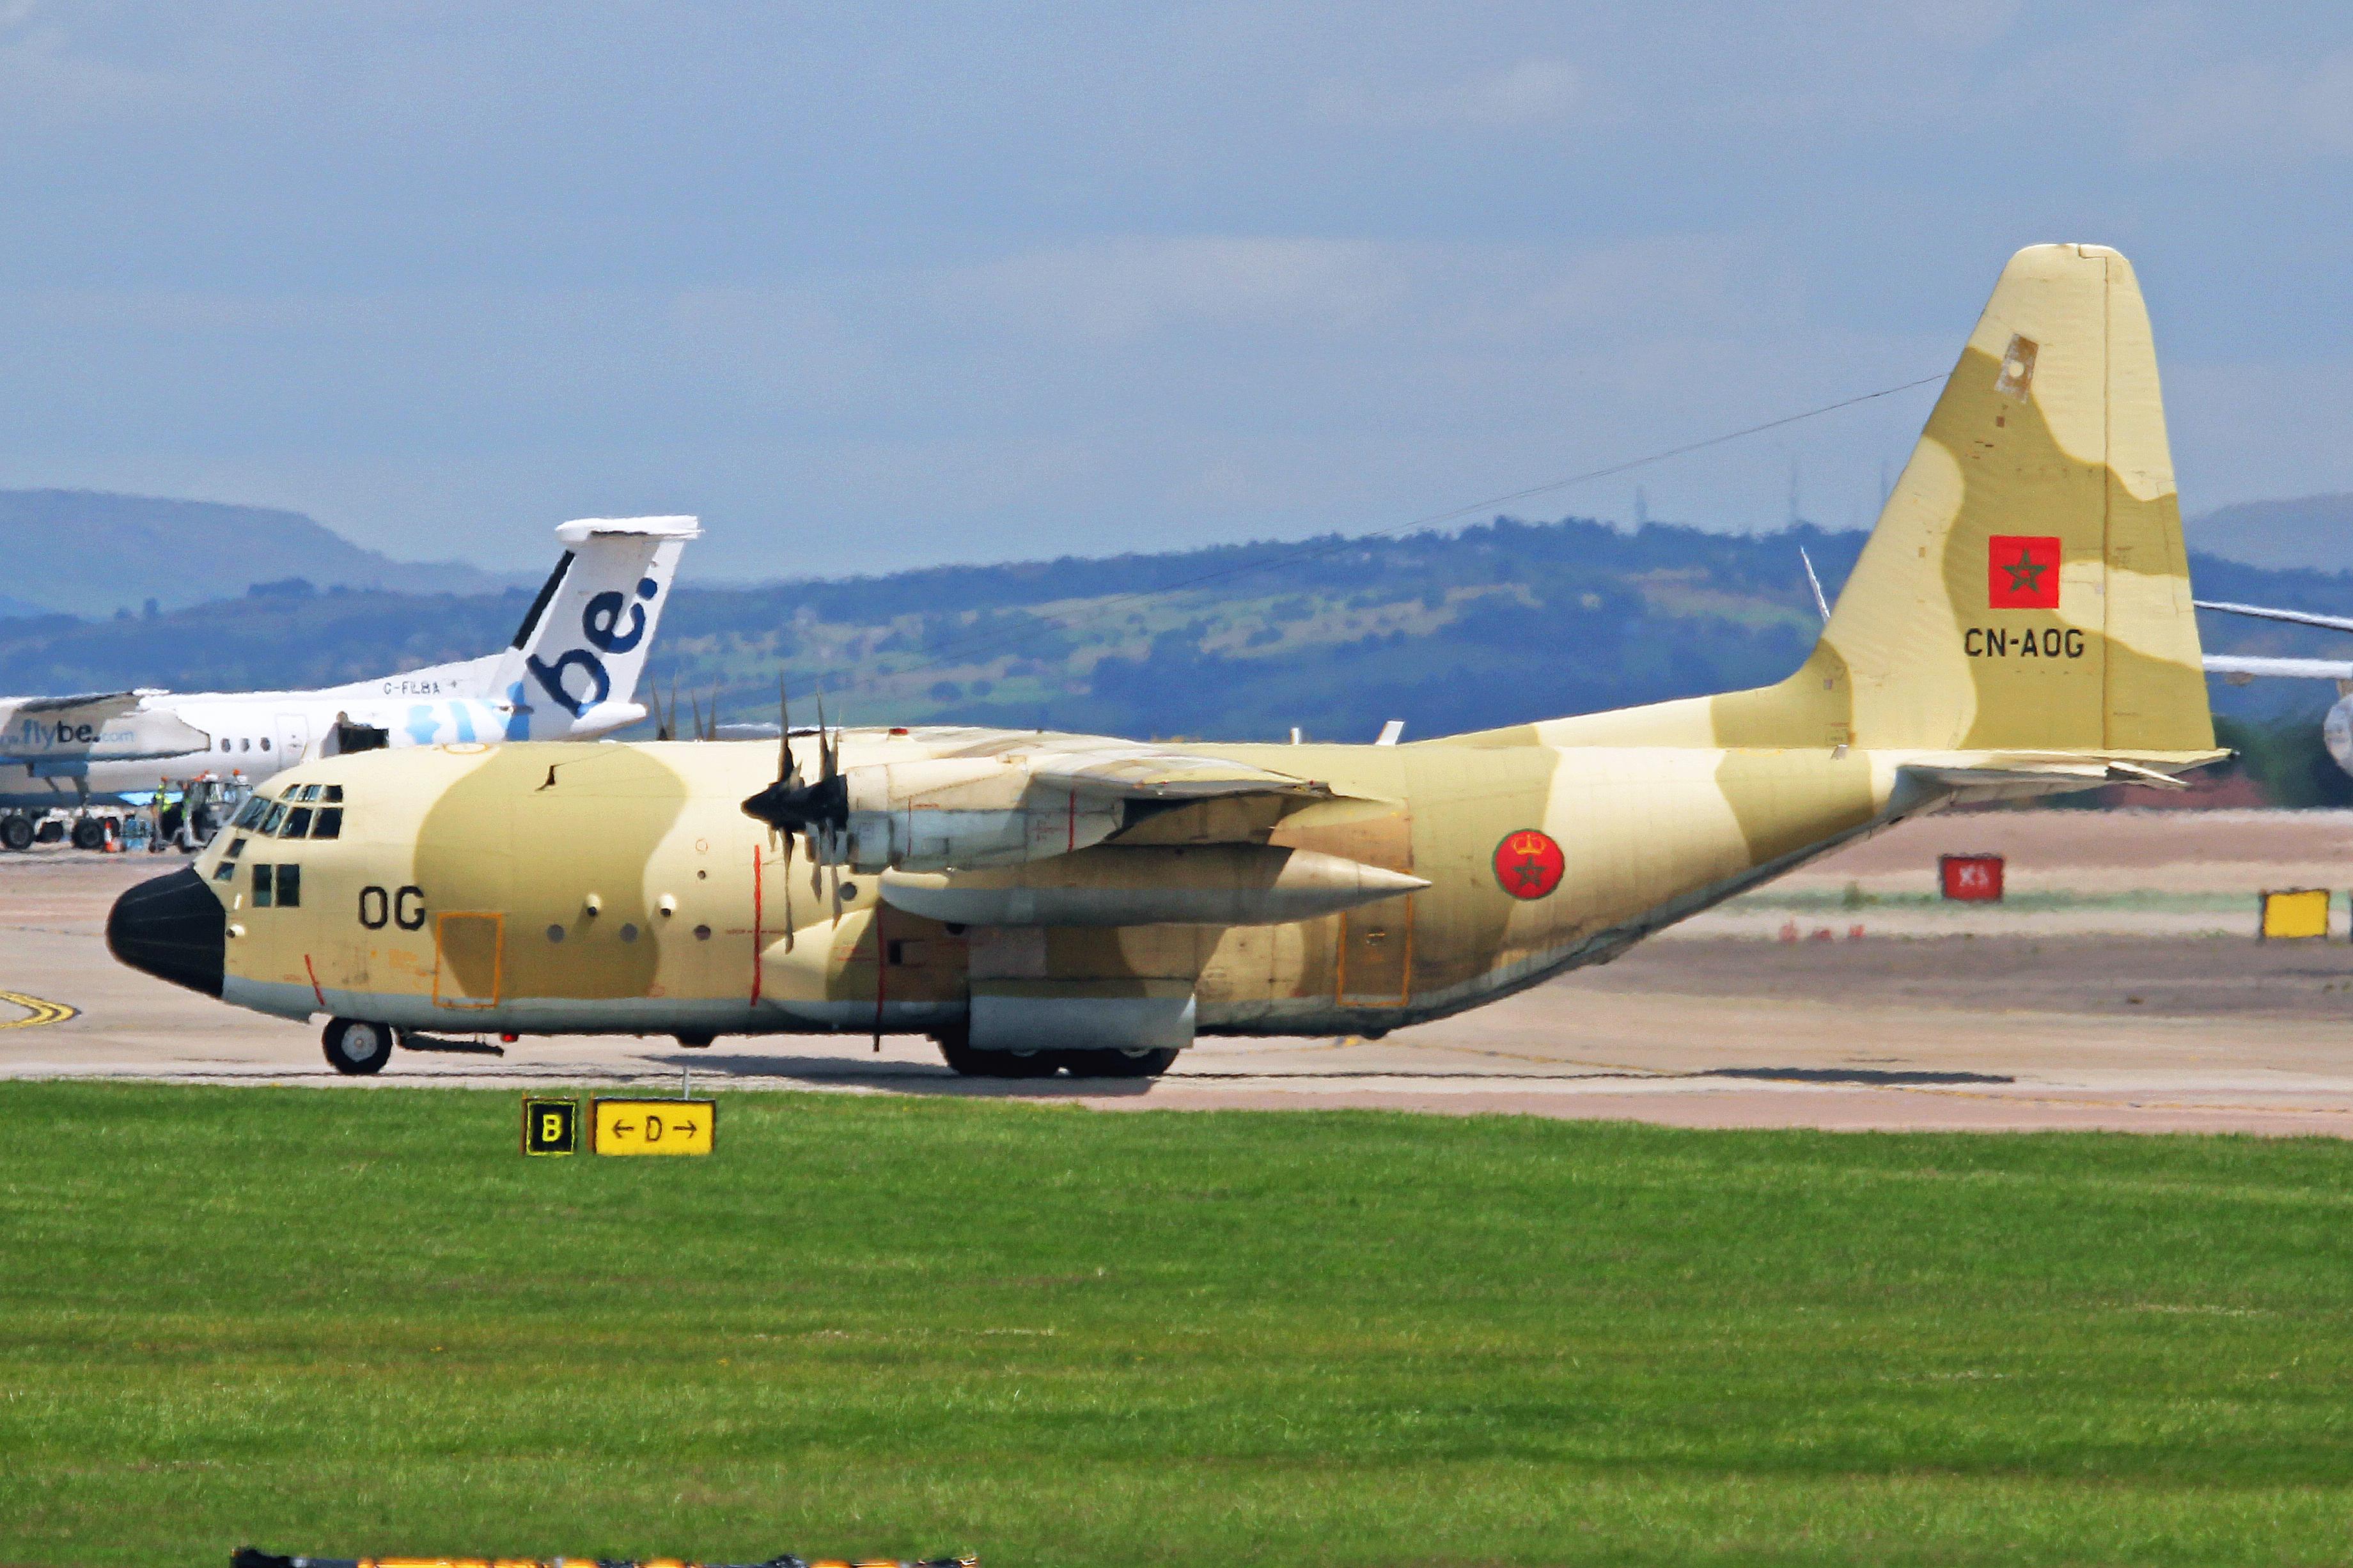 FRA: Photos d'avions de transport - Page 31 35710927552_4744d8be0a_o